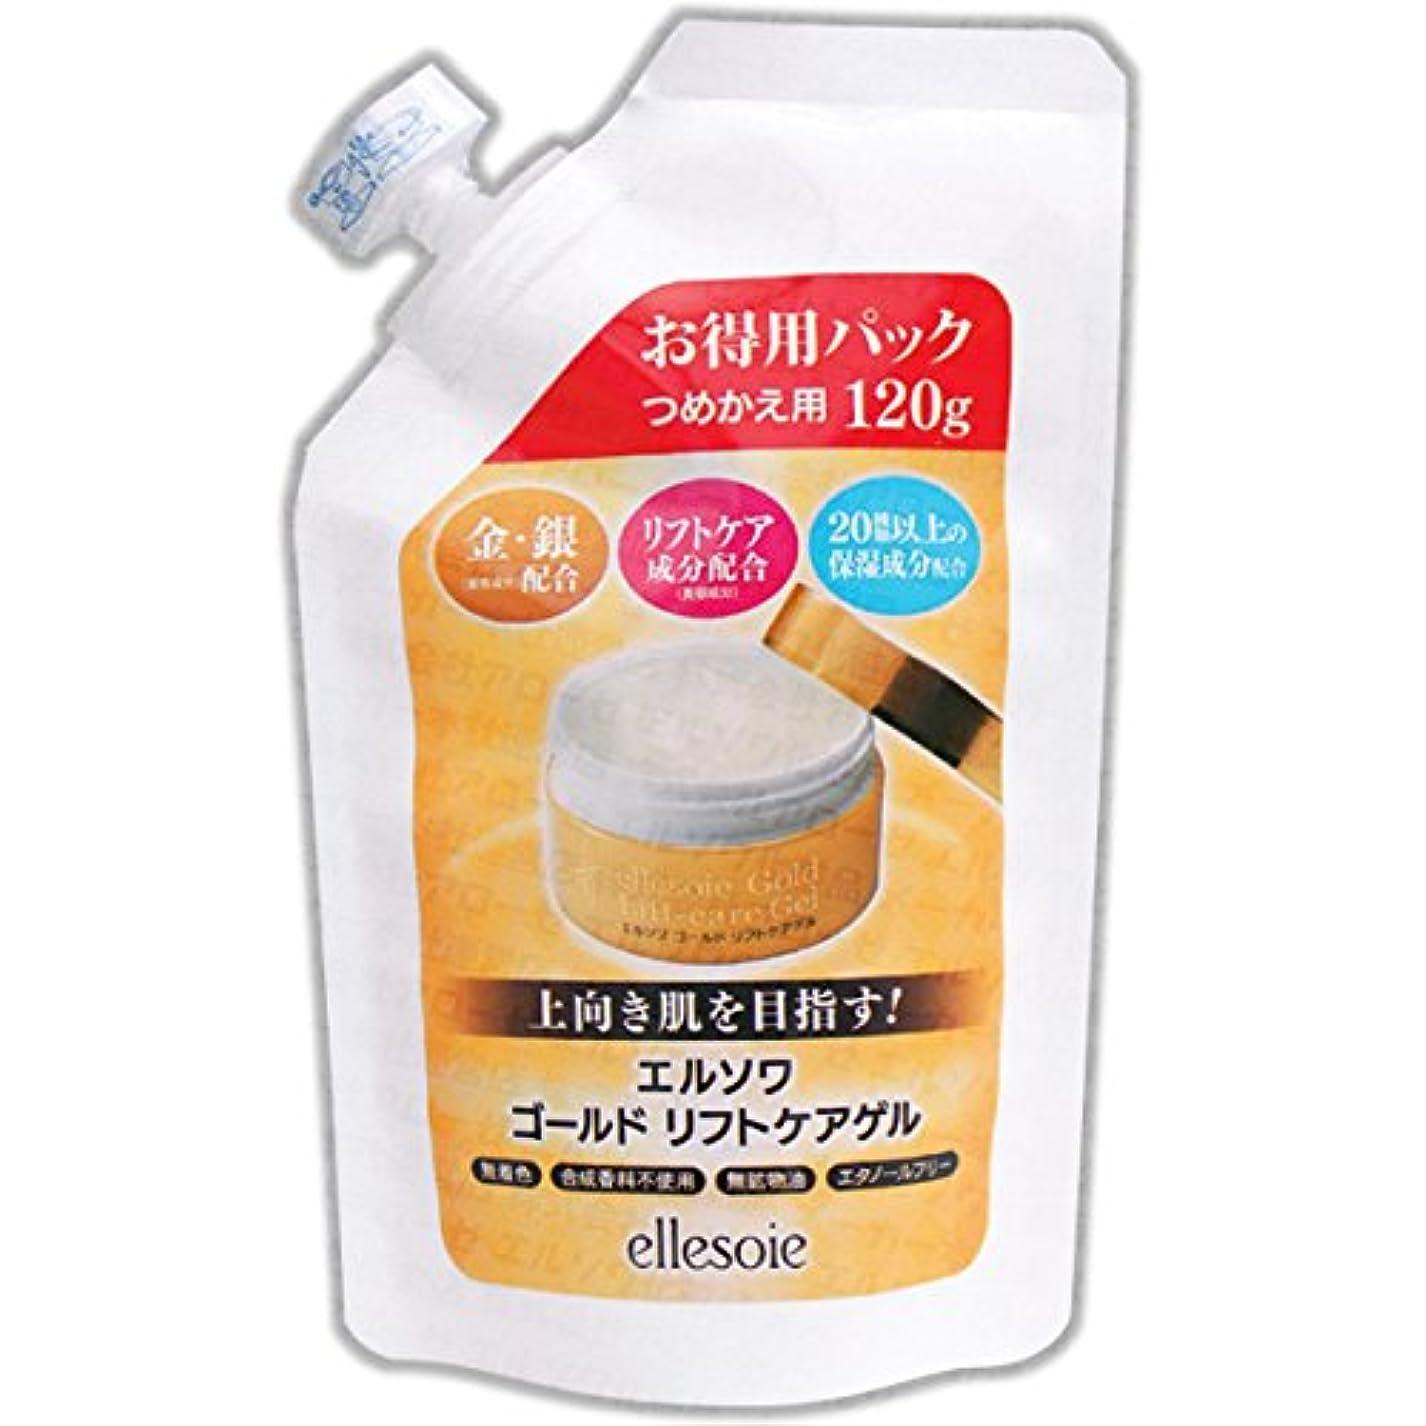 しばしば石油自信があるエルソワ化粧品(ellesoie) ゴールドリフトケアゲル 年齢肌向けオールインワン (詰替用120g)